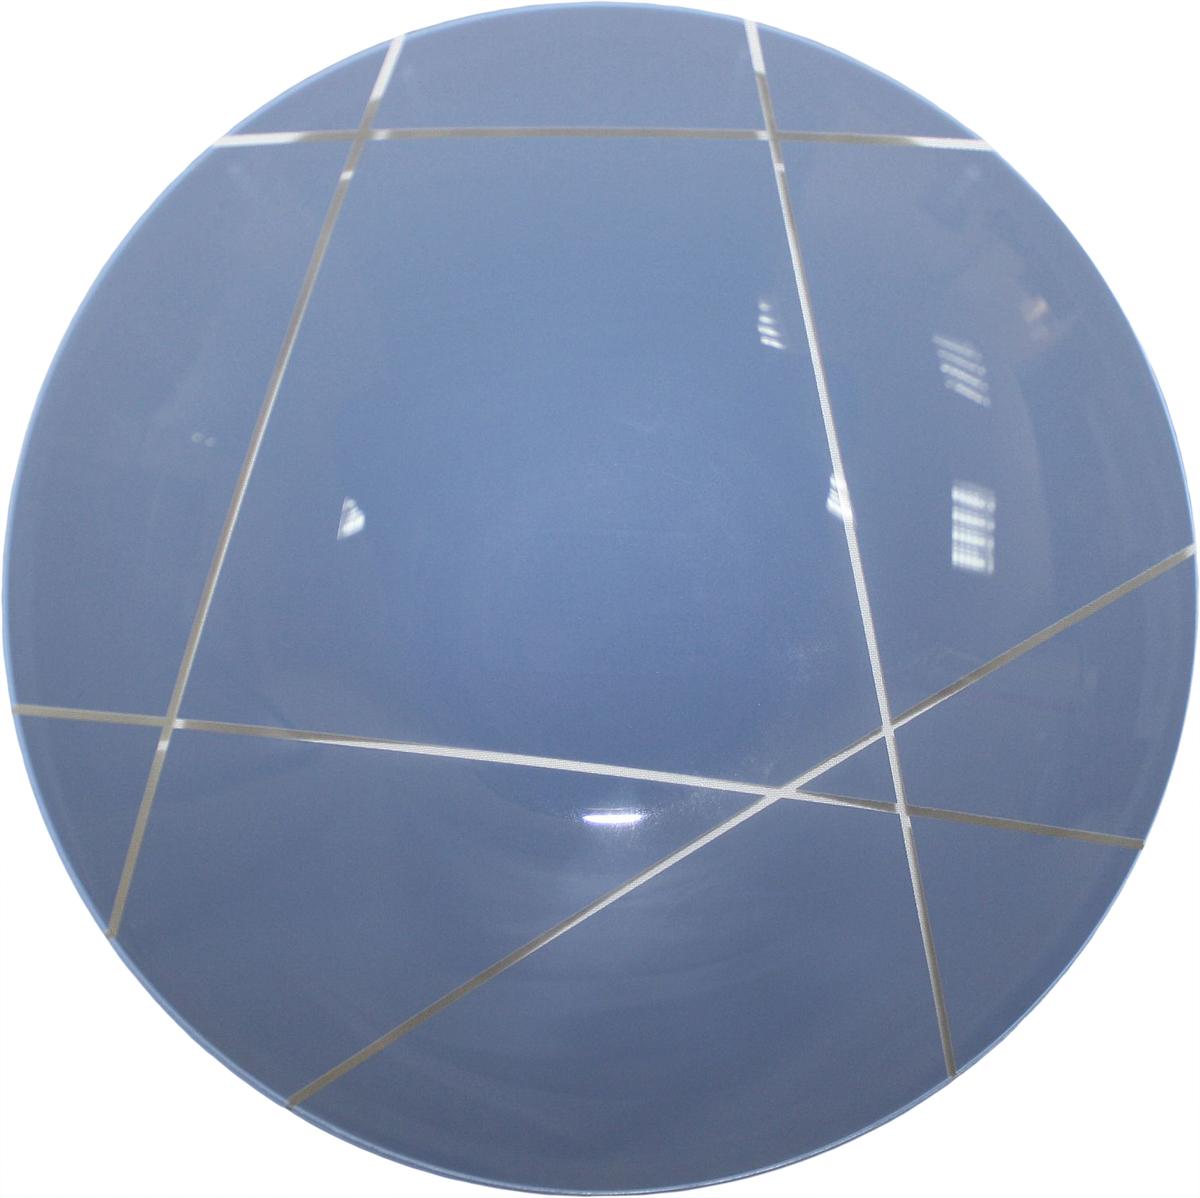 Тарелка глубокая NiNaGlass Контур, цвет: голубой, диаметр 22 см85-225-002псТарелка NiNaGlass Конус выполнена из высококачественного стекла и оформлена красивым прозрачным геометрическим принтом. Тарелка идеальна для подачи вторых блюд, а также сервировки закусок, нарезок, салатов, овощей и фруктов. Она отлично подойдет как для повседневных, так и для торжественных случаев. Такая тарелка прекрасно впишется в интерьер вашей кухни и станет достойным дополнением к кухонному инвентарю.